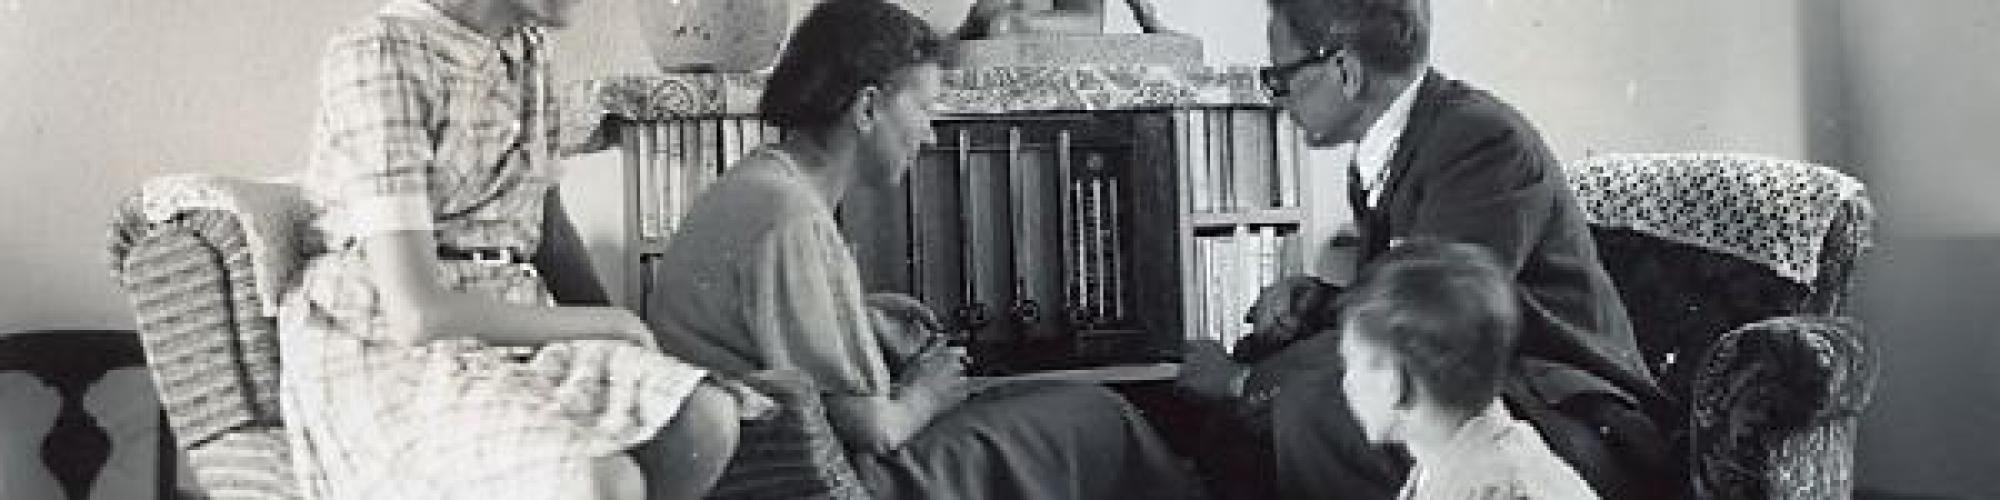 La famille Struye à l'écoute de la radio pendant l'occupation © CegeSoma/Archives de l'Etat